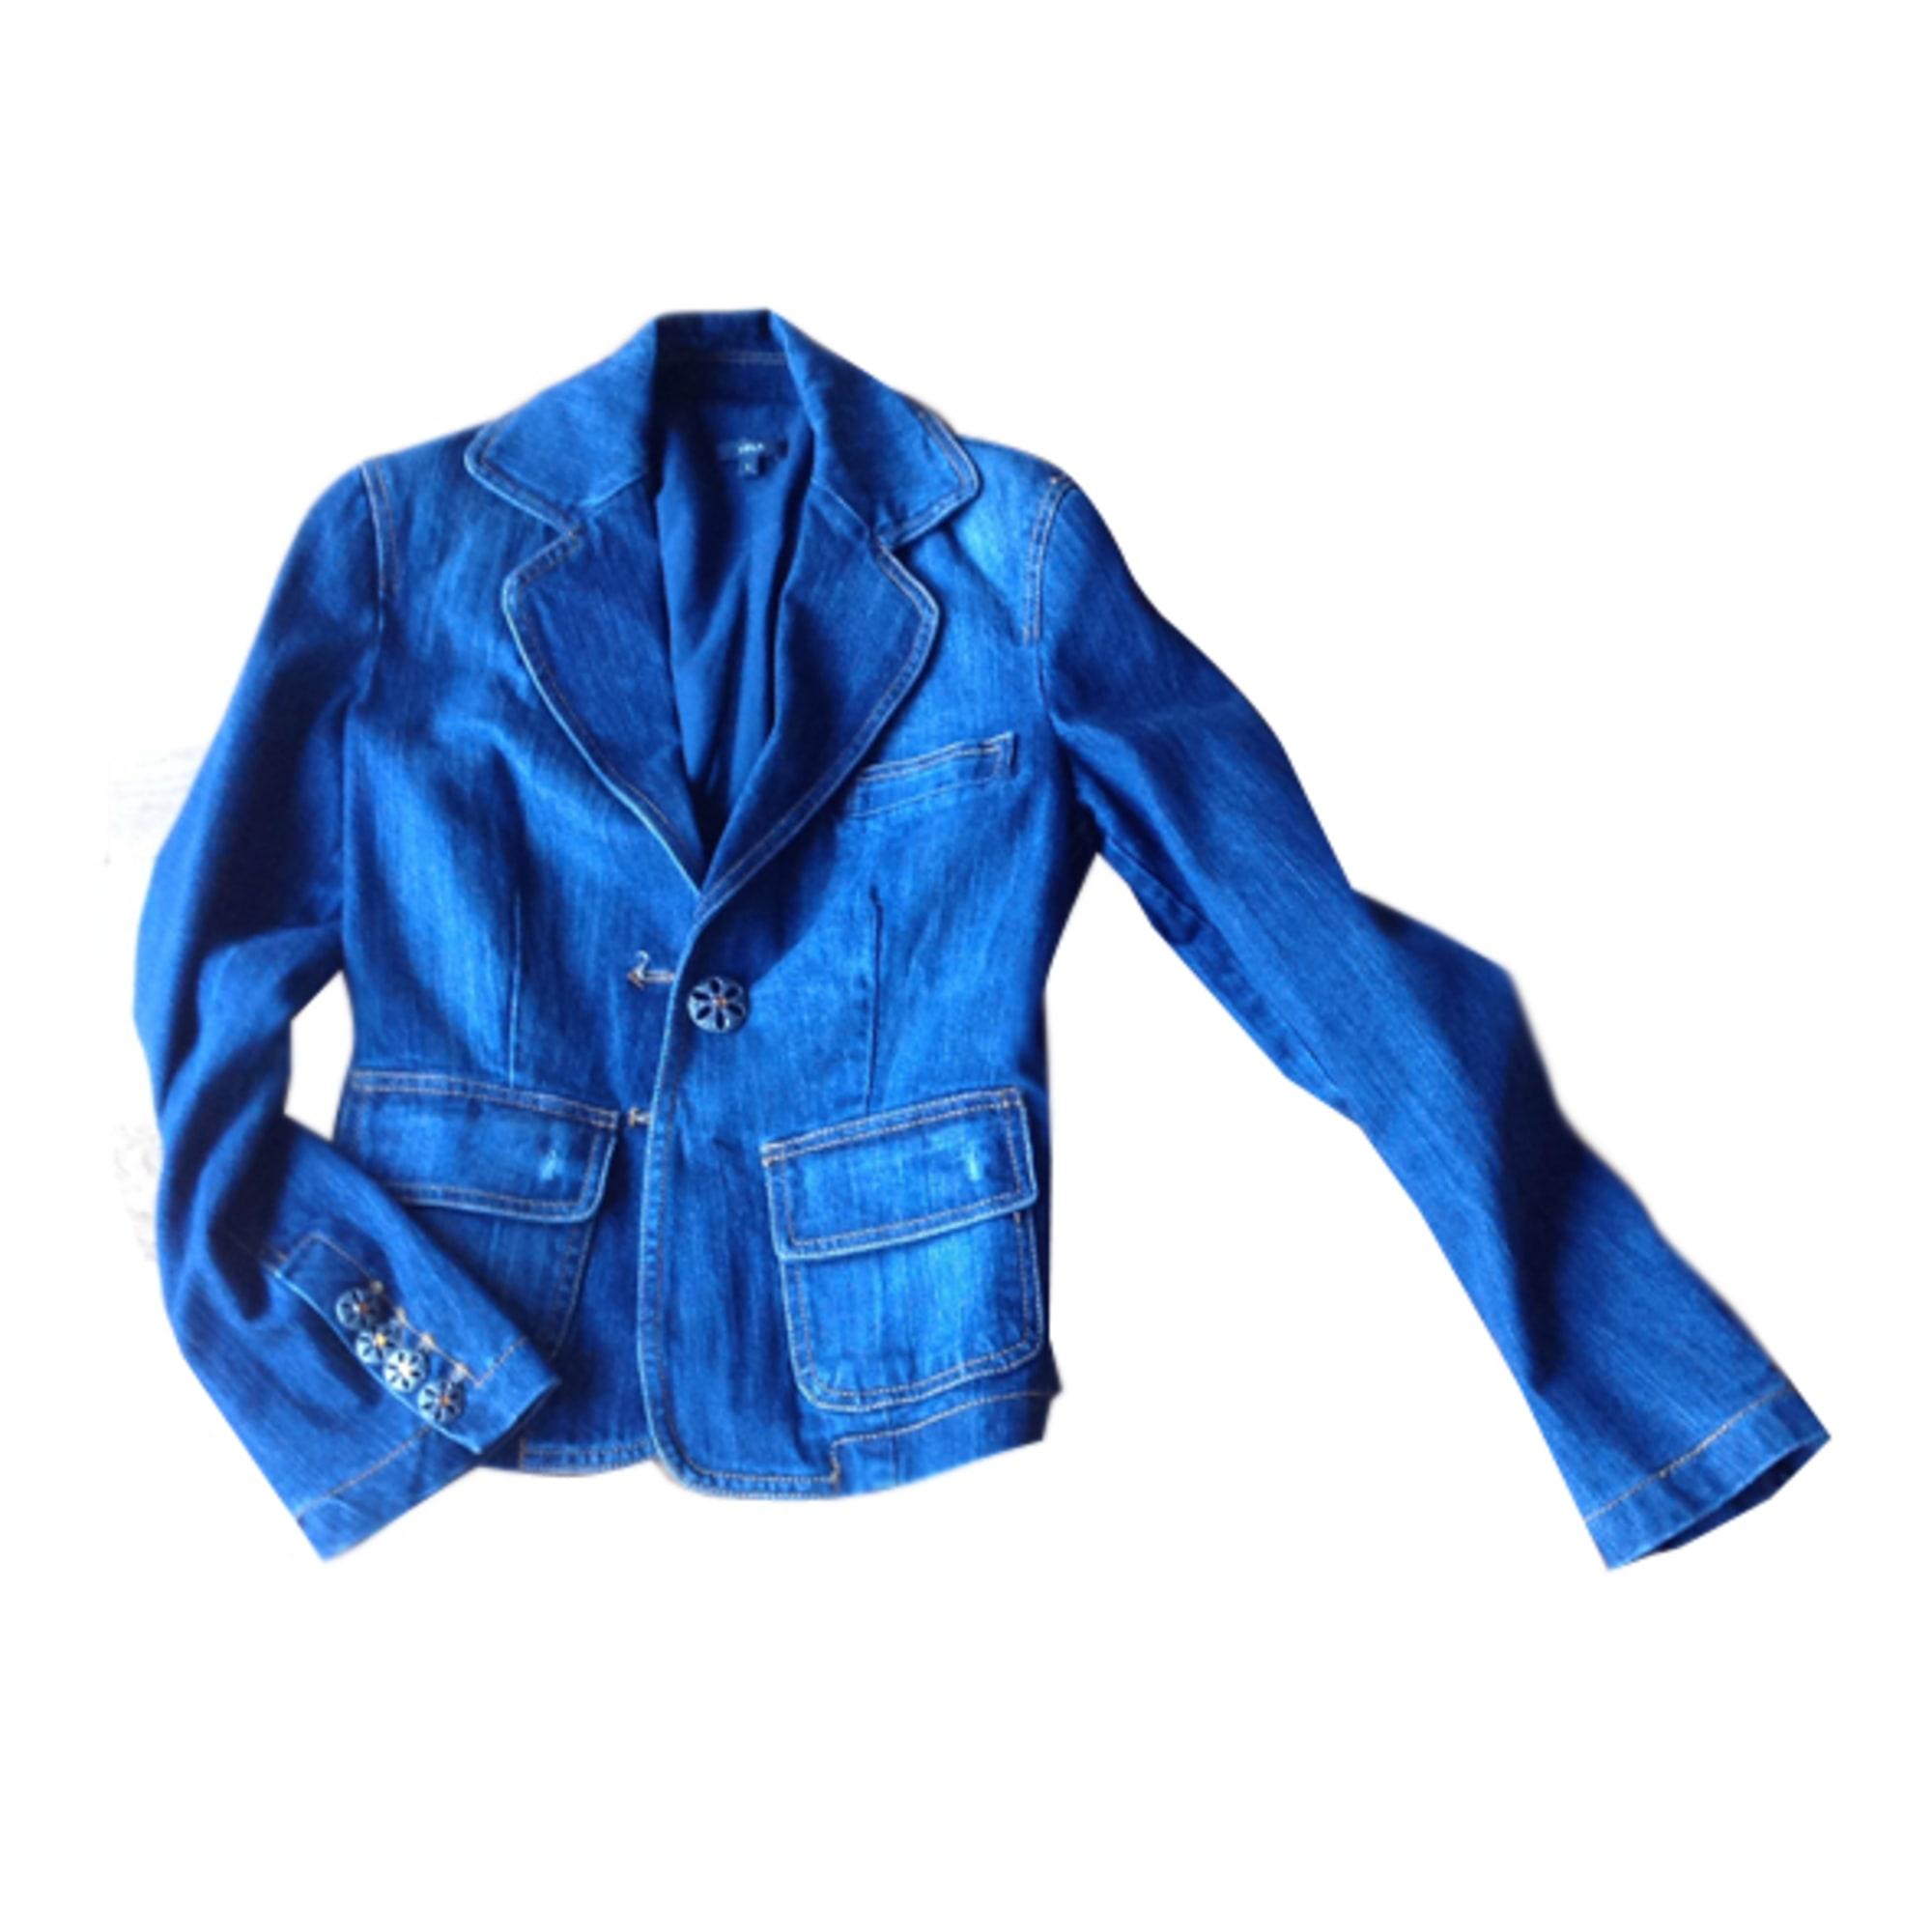 Blazer, veste tailleur LOLA Bleu, bleu marine, bleu turquoise